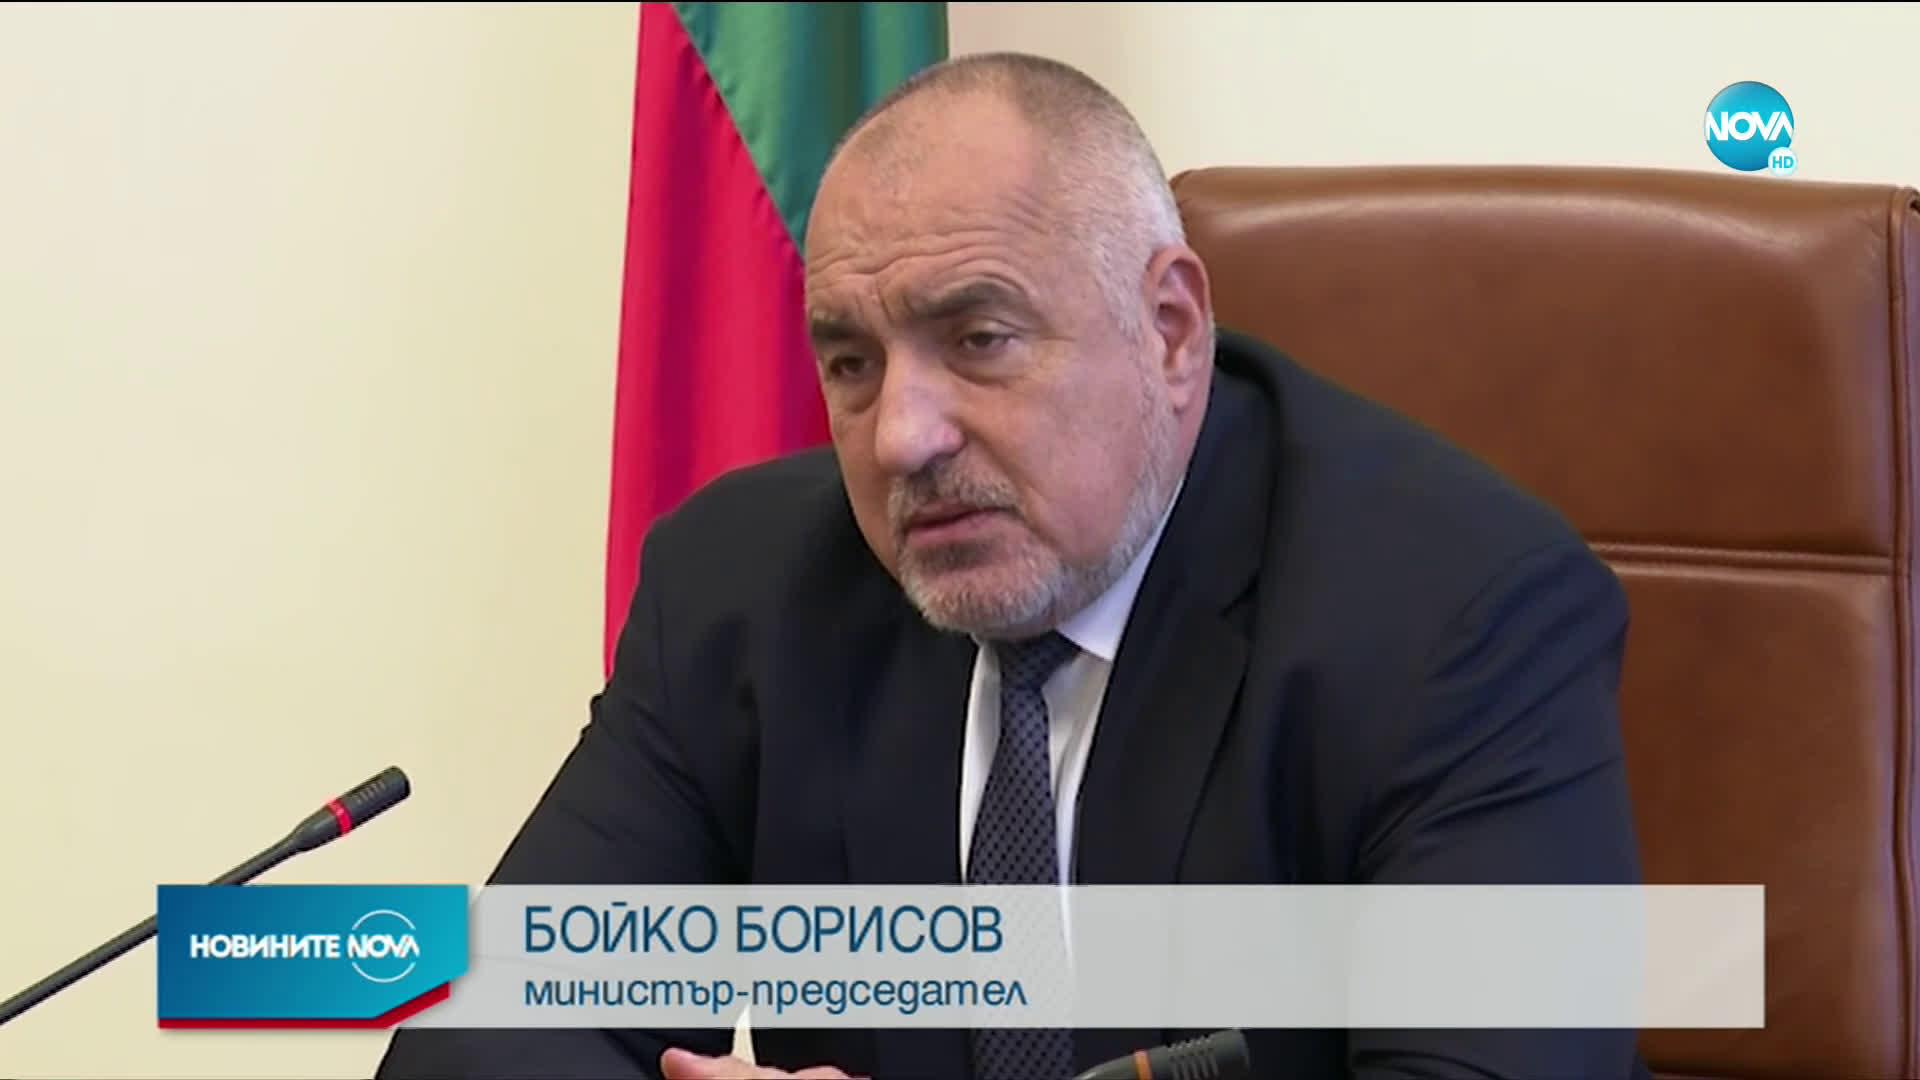 Борисов: Стараем се всички сектори да заработят максимално бързо